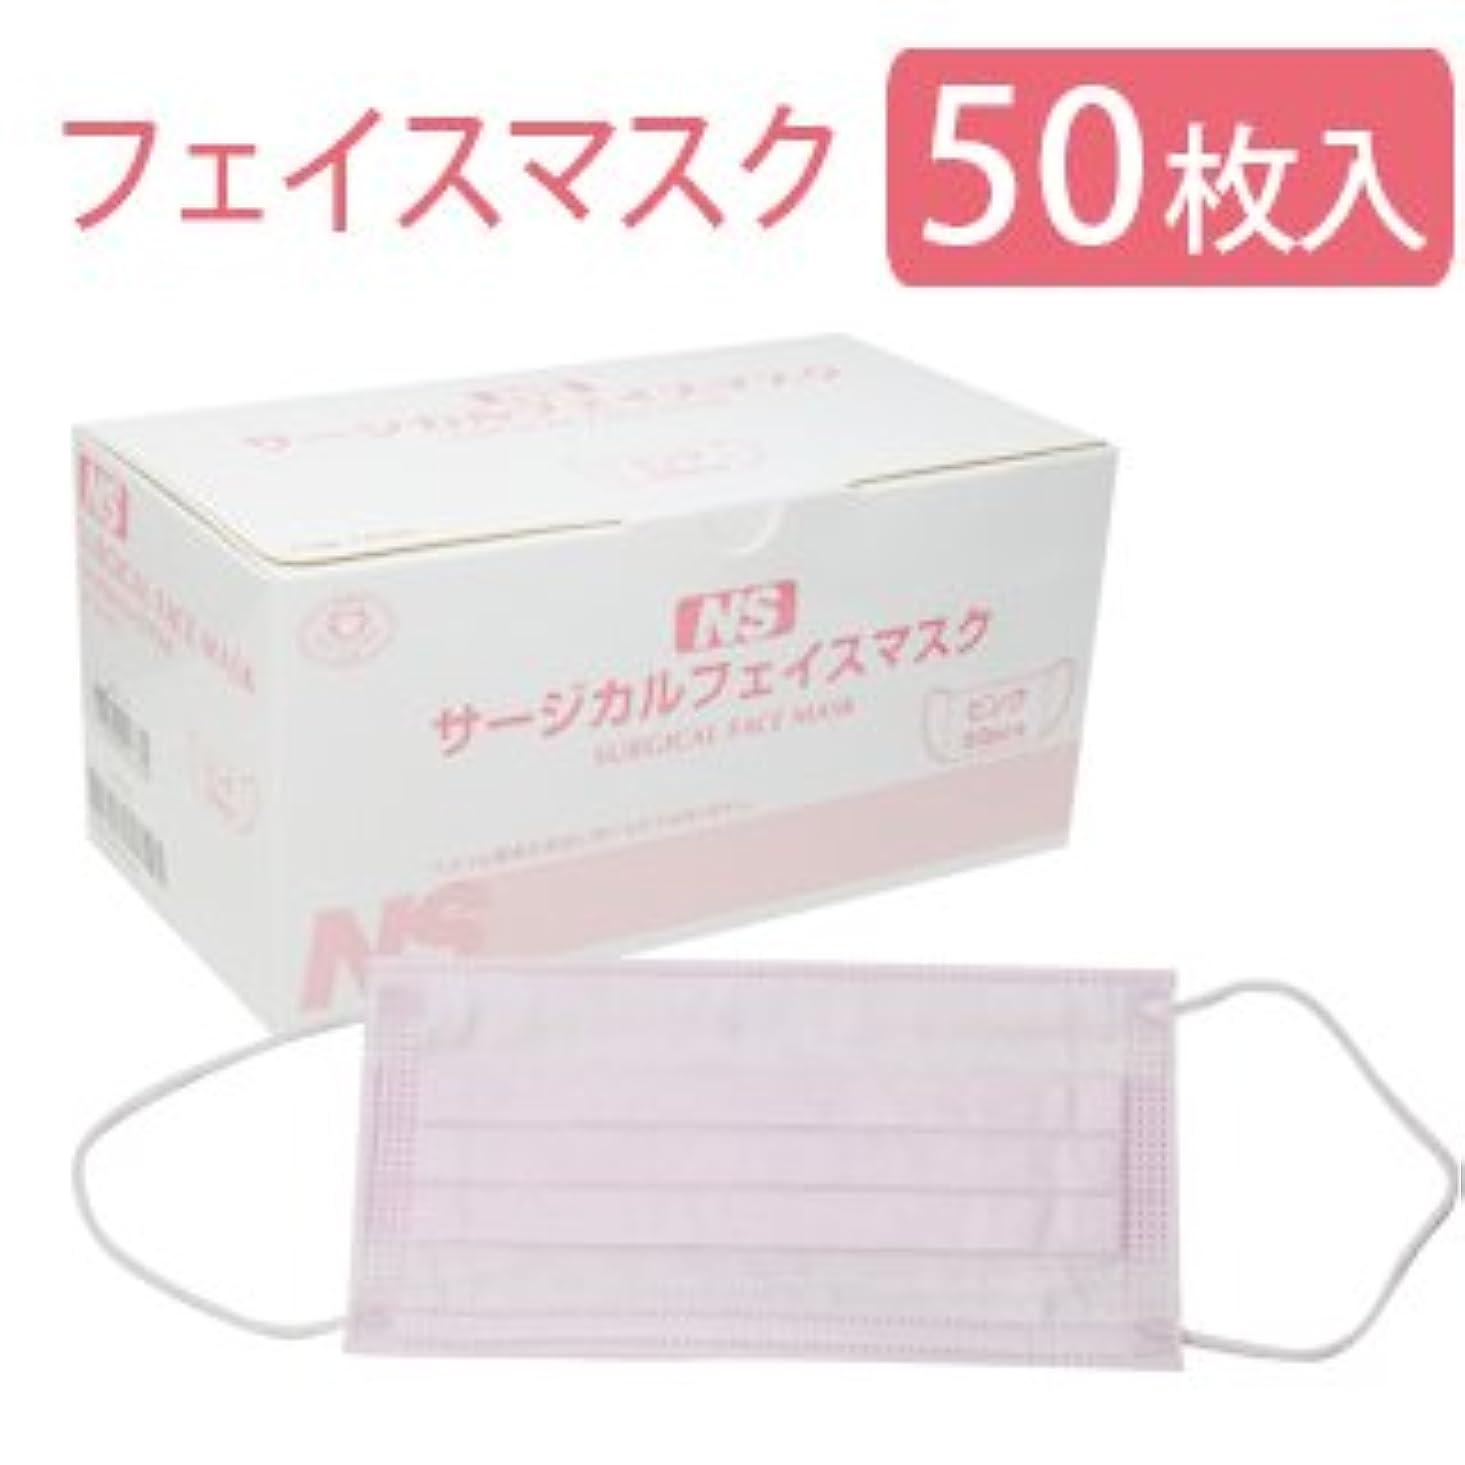 赤道加速度寺院New サージカルフェイスマスク NS 使い捨て ピンク 3層構造 50枚入